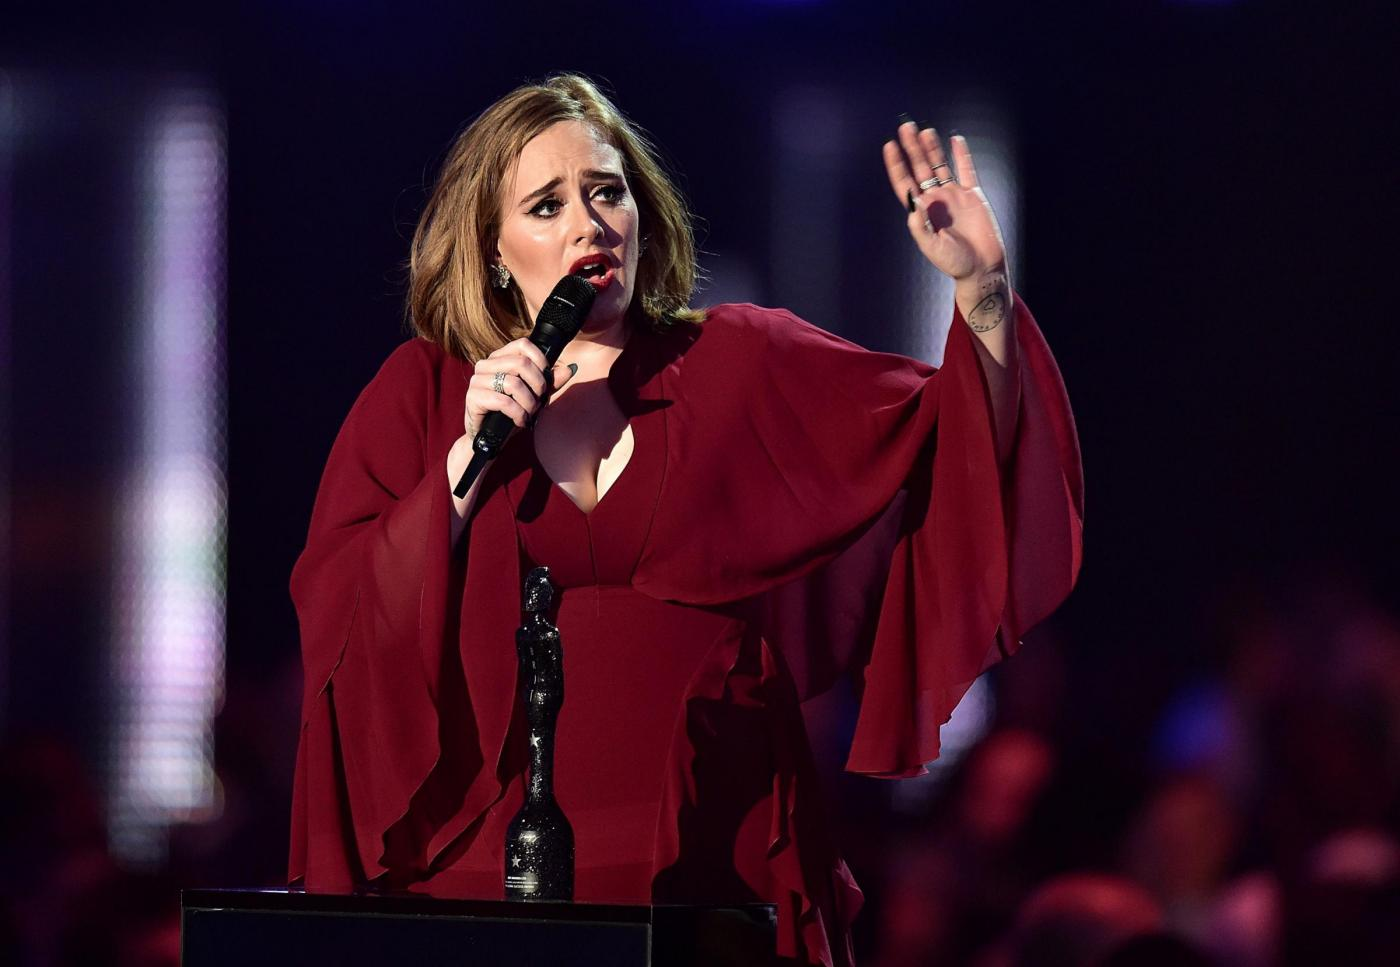 Adele all'Arena di Verona: rimprovera una fan che registra il concerto